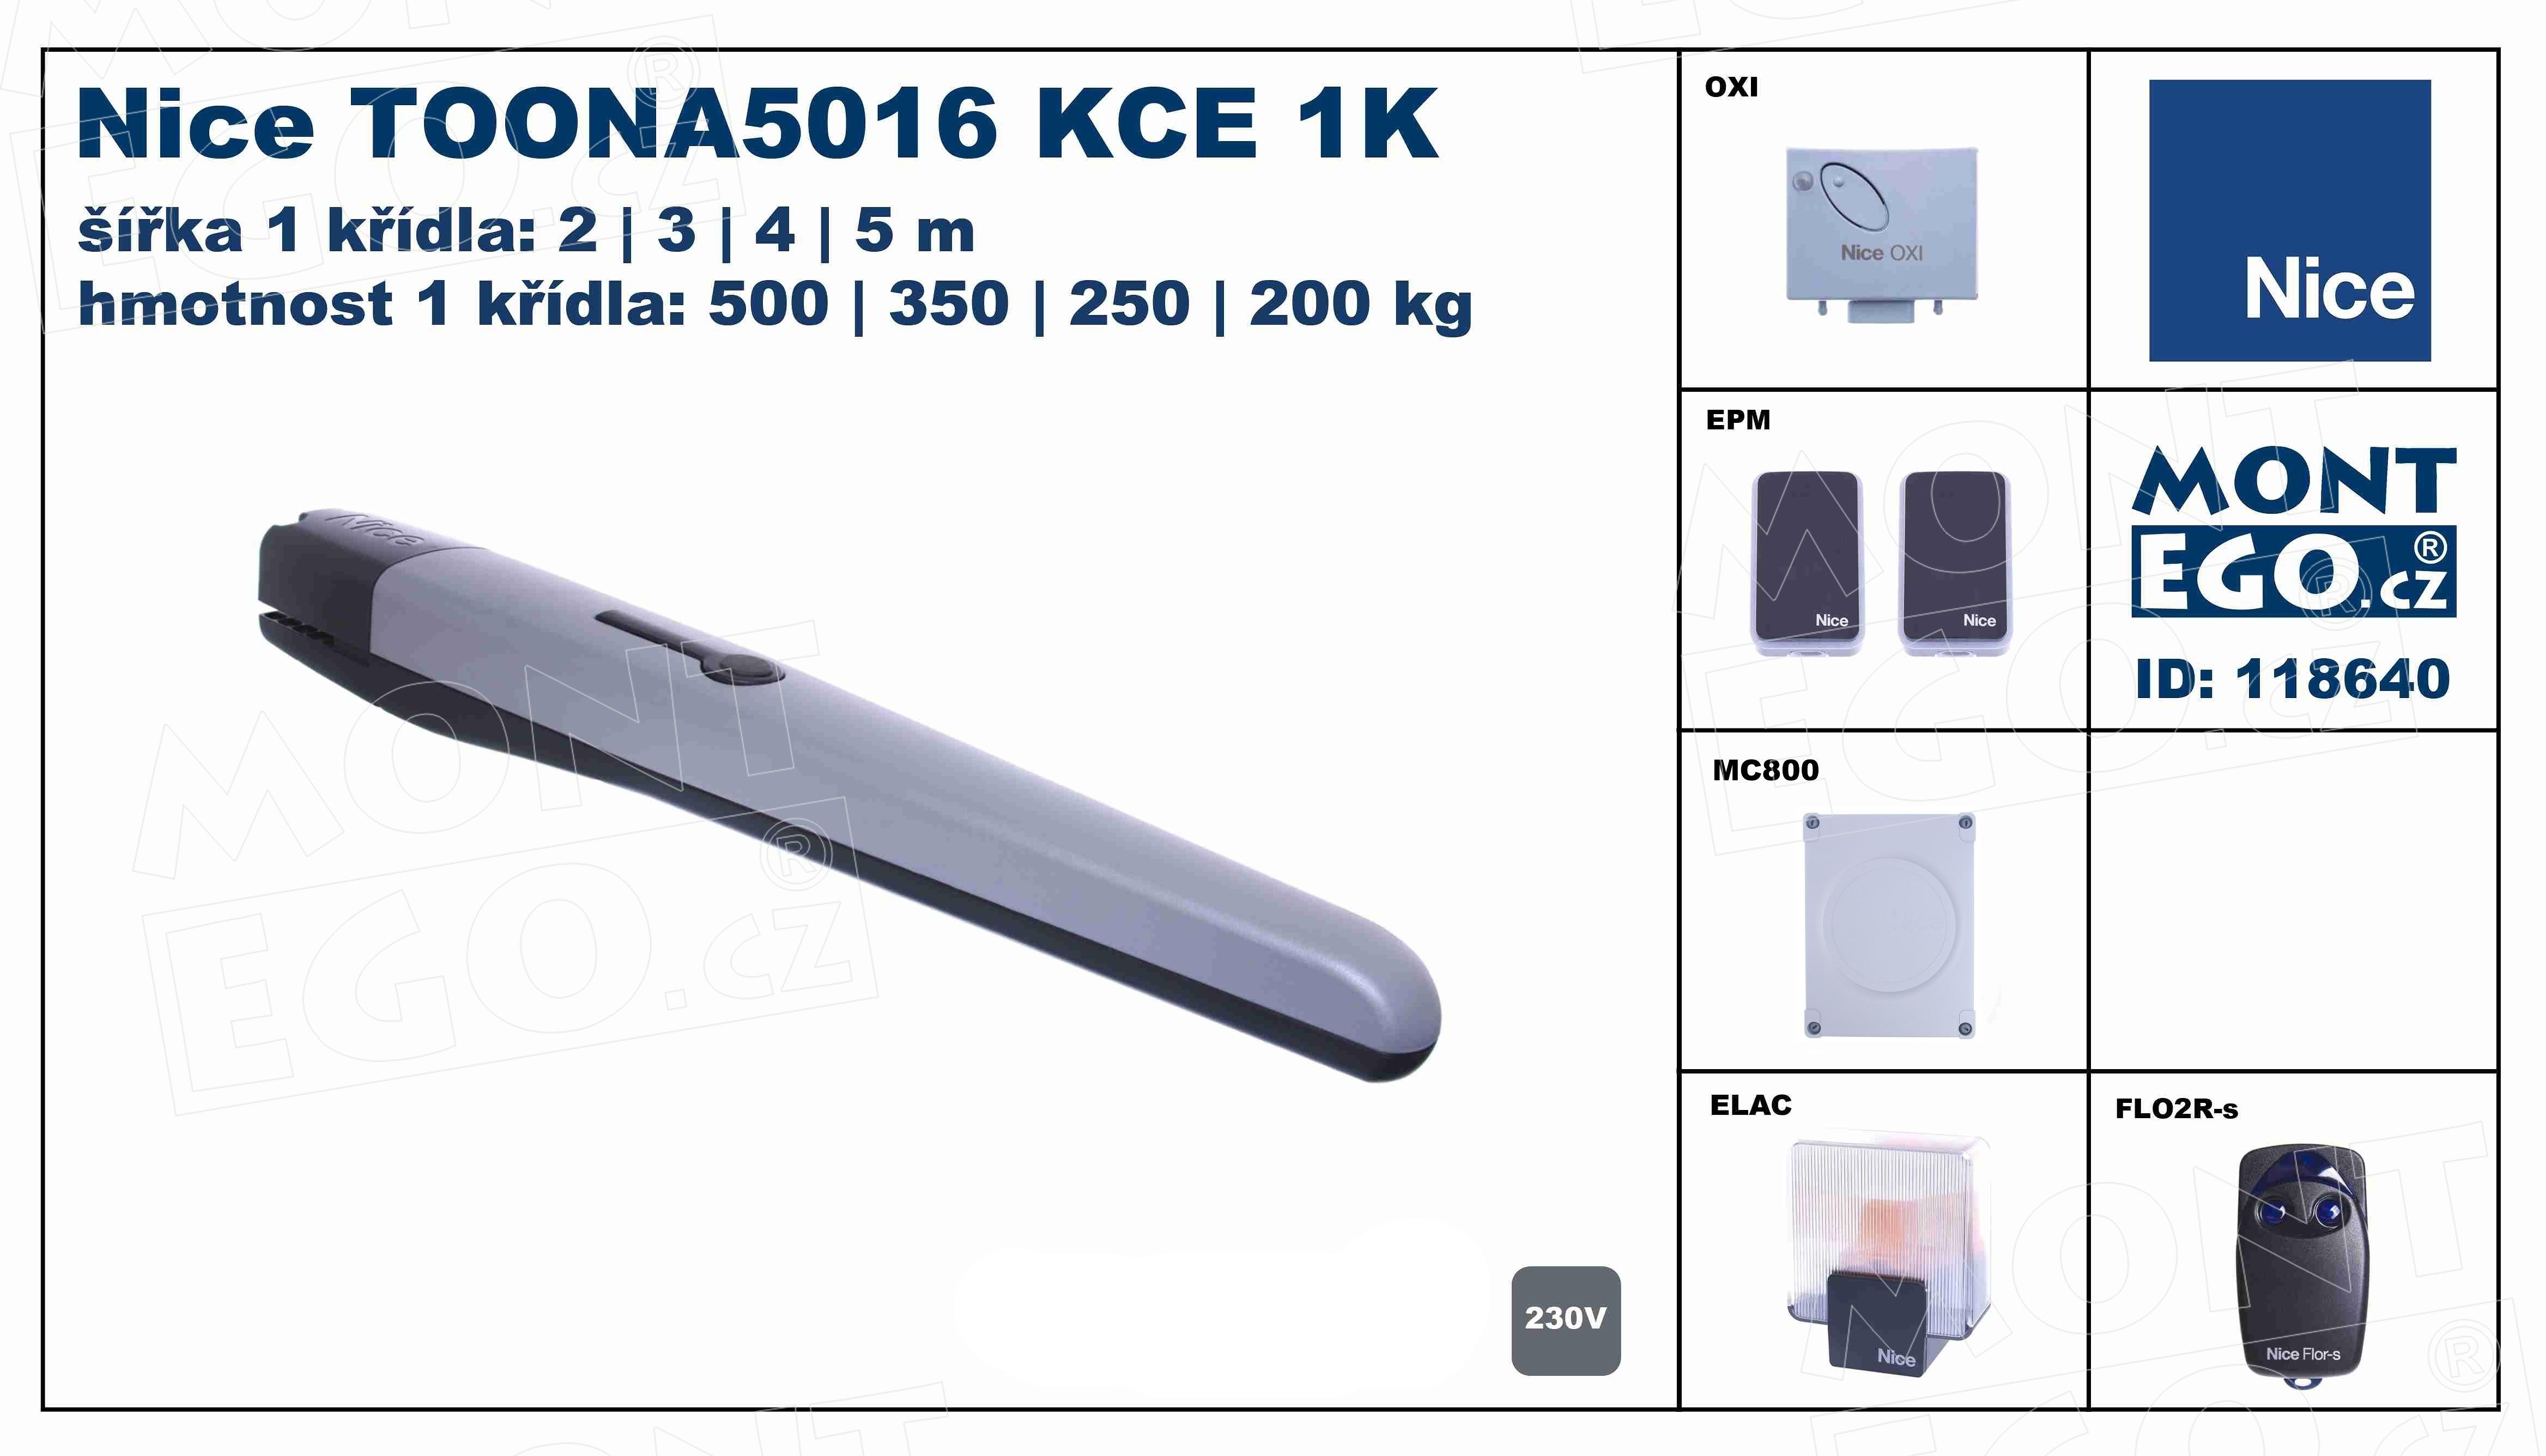 Sestava pohonu pro jednokřídlové brány široké 5 m TOONA5016 KCE 1K - kompletní set